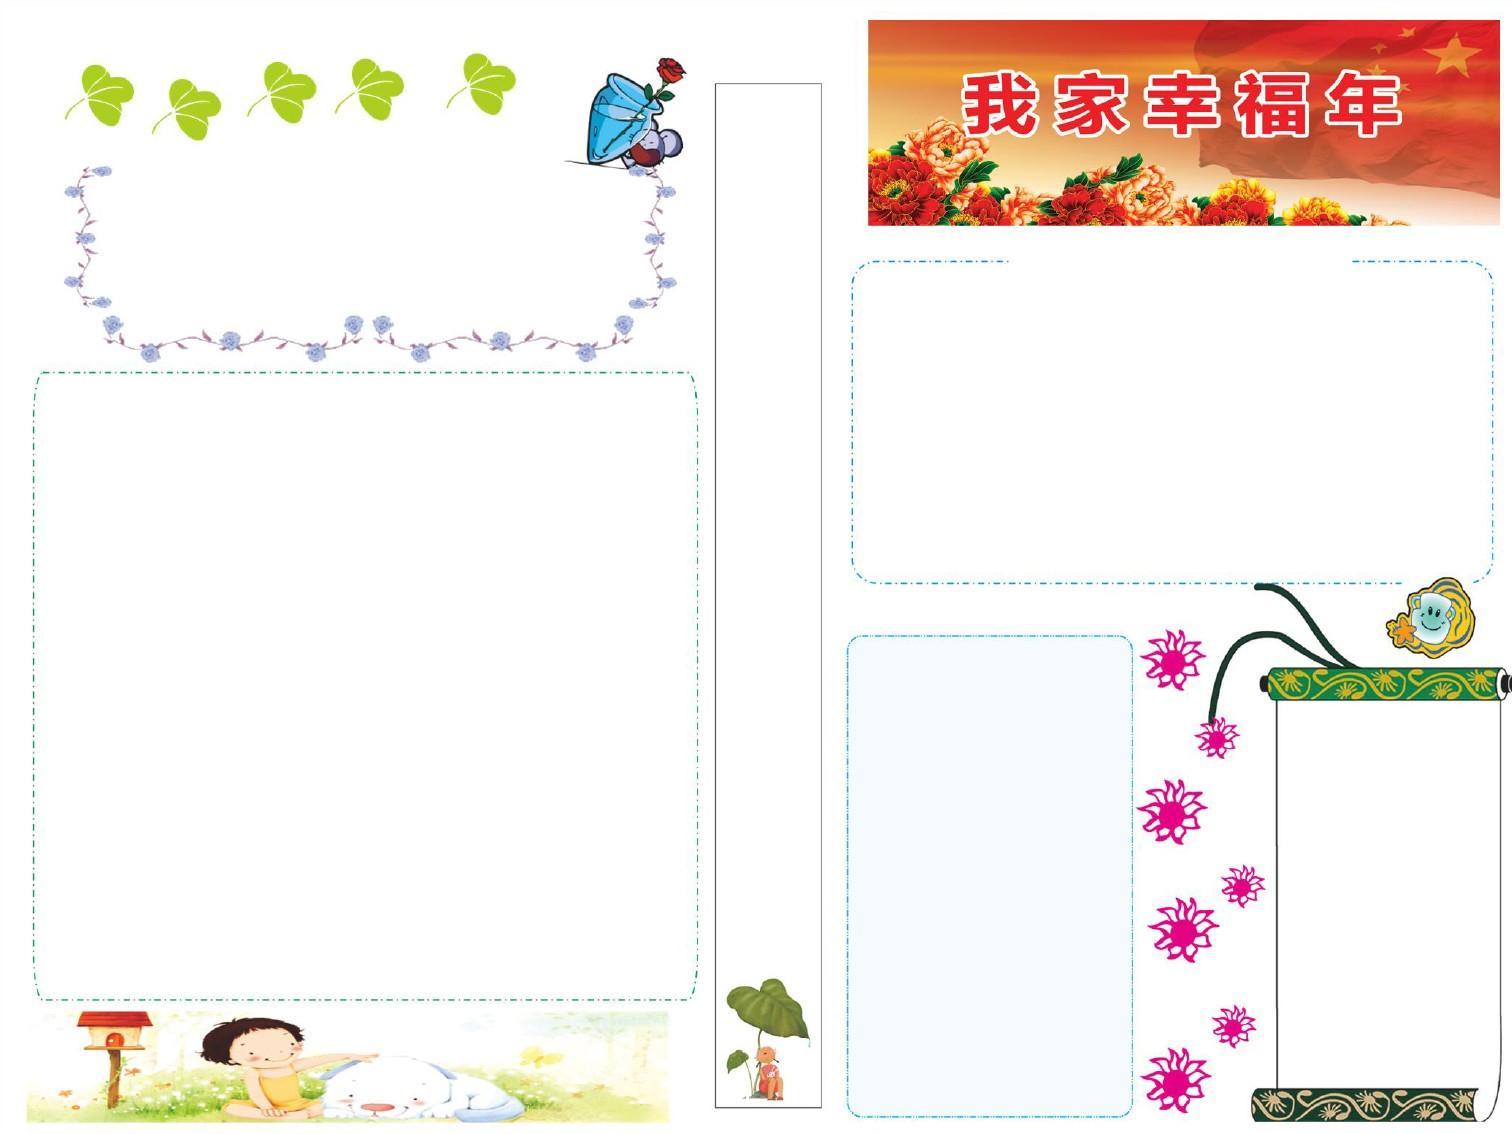 模板格式电子小报成品欢度春节手抄报模板新年快乐电子简报小学生传图片